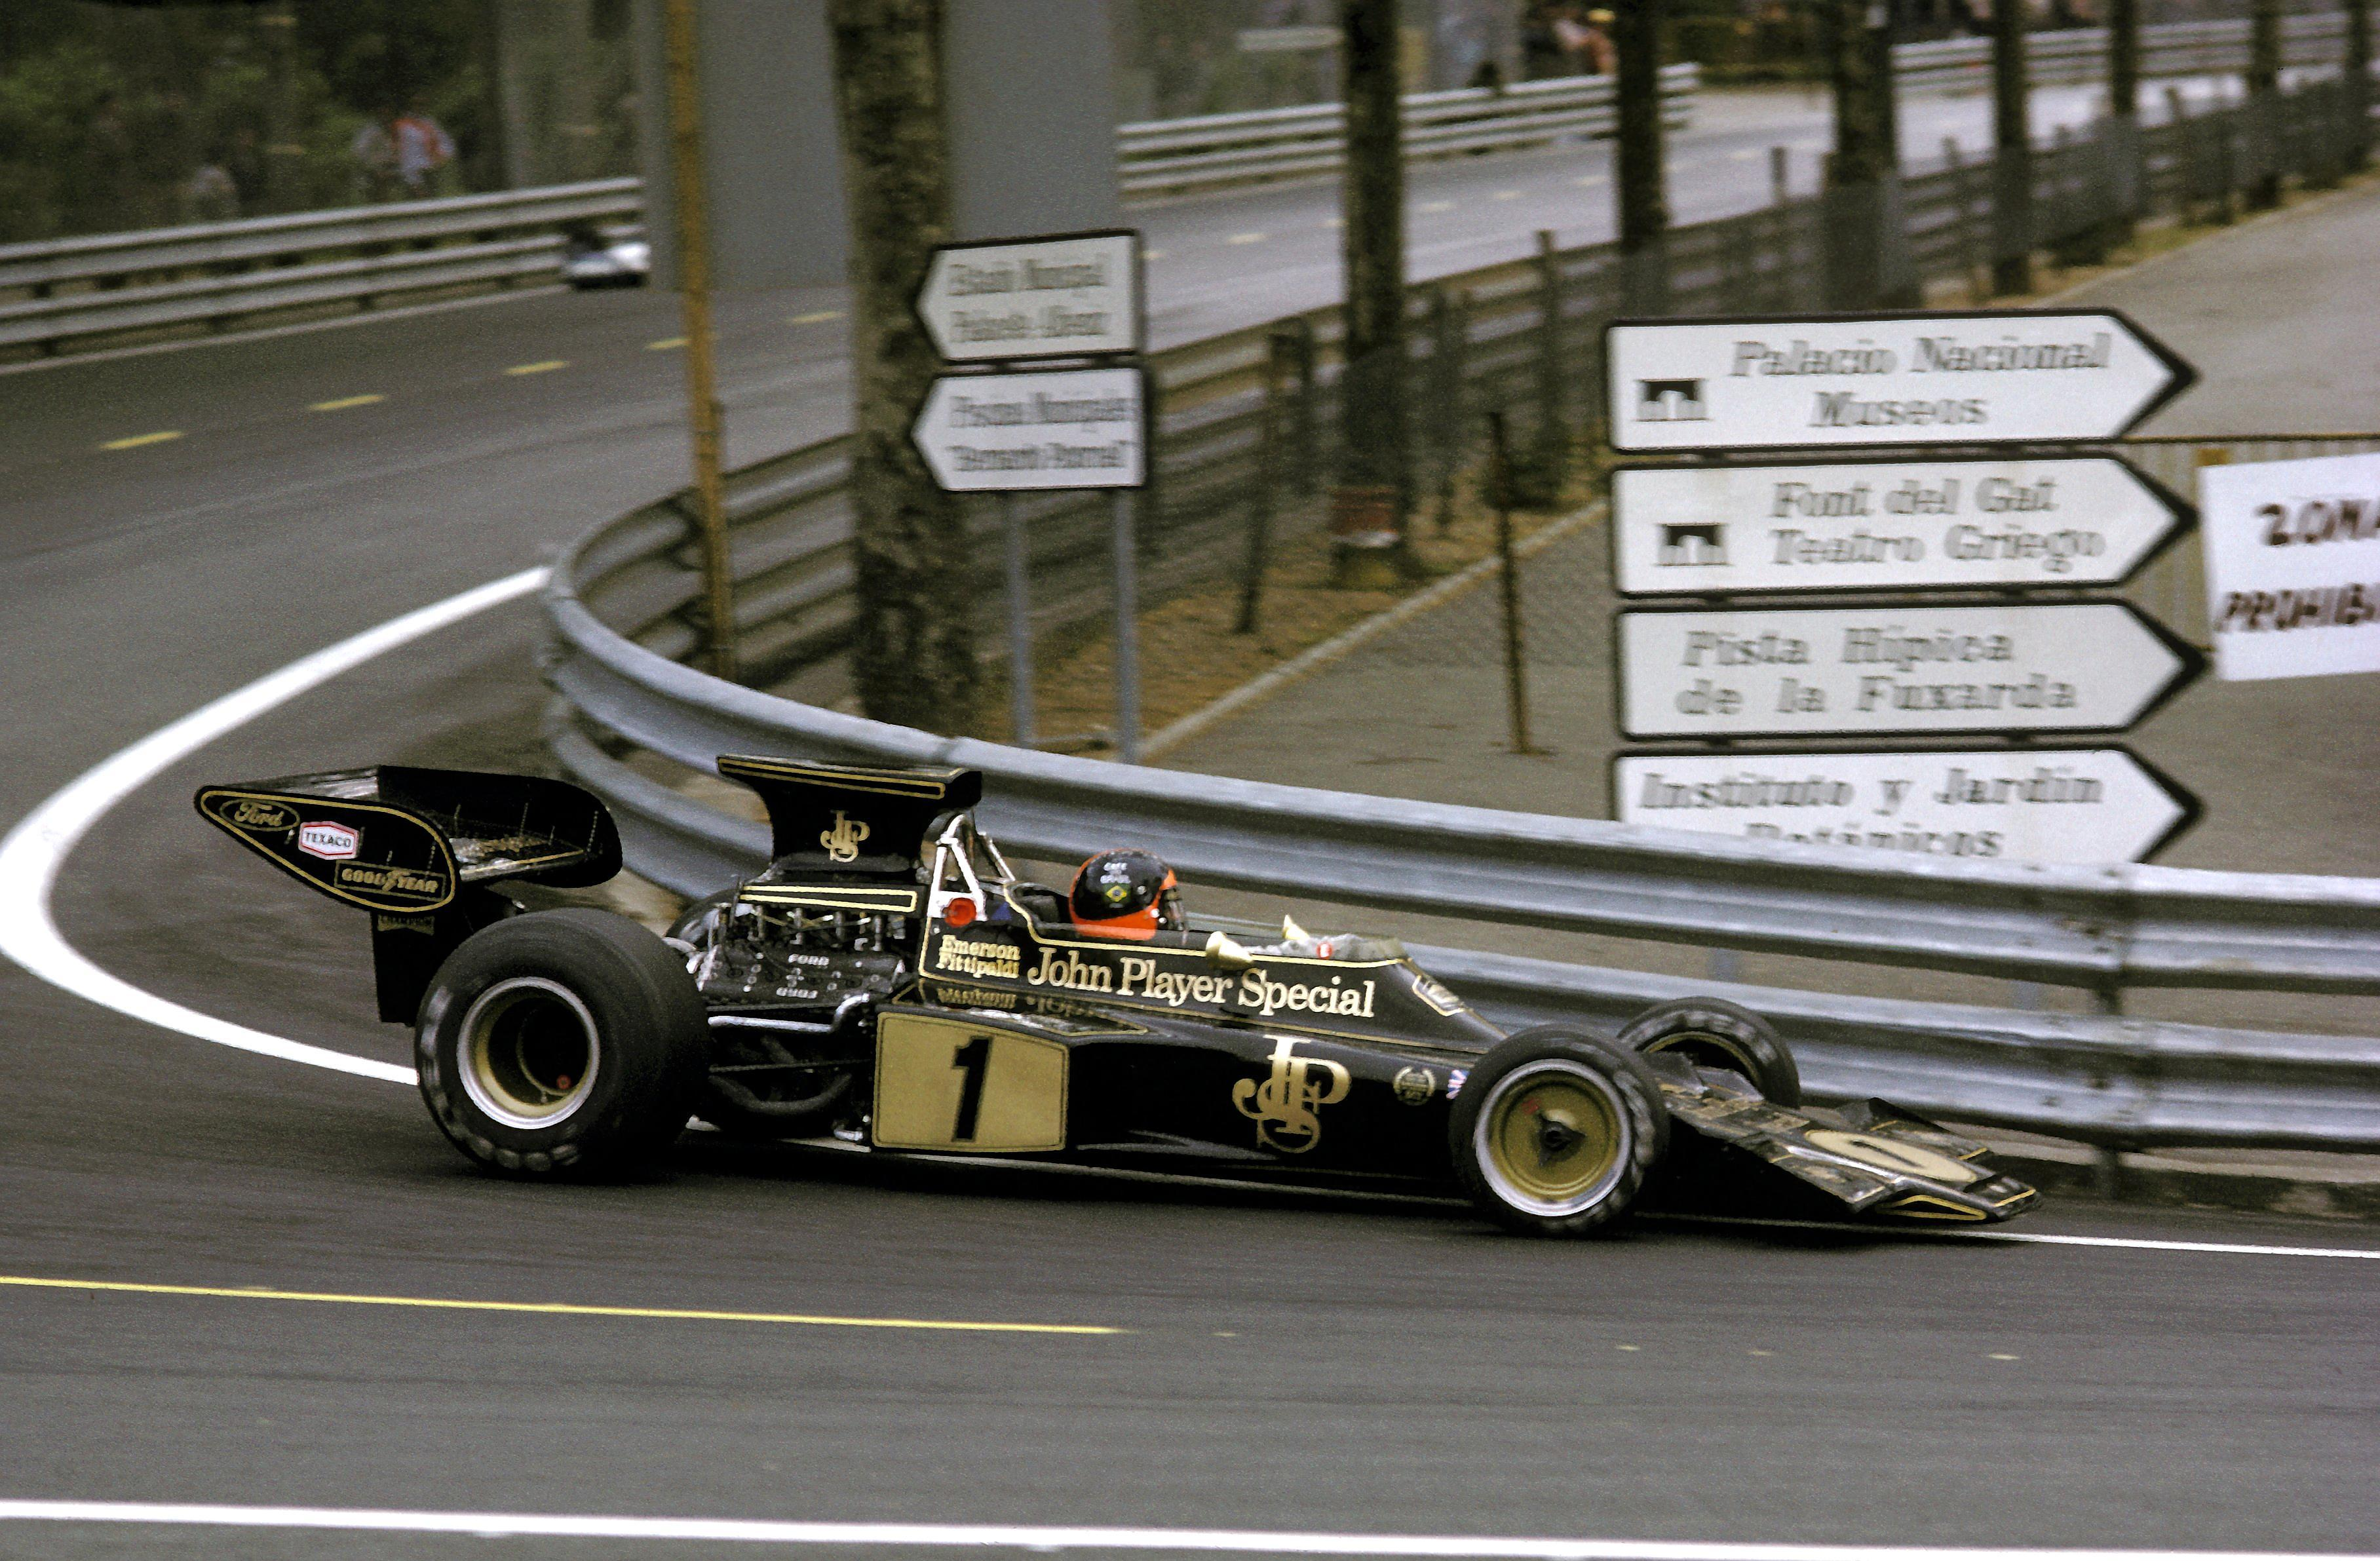 Lotus 72E - Emerson Fittipaldi, Gran Premio de España 1973, Montjuïc